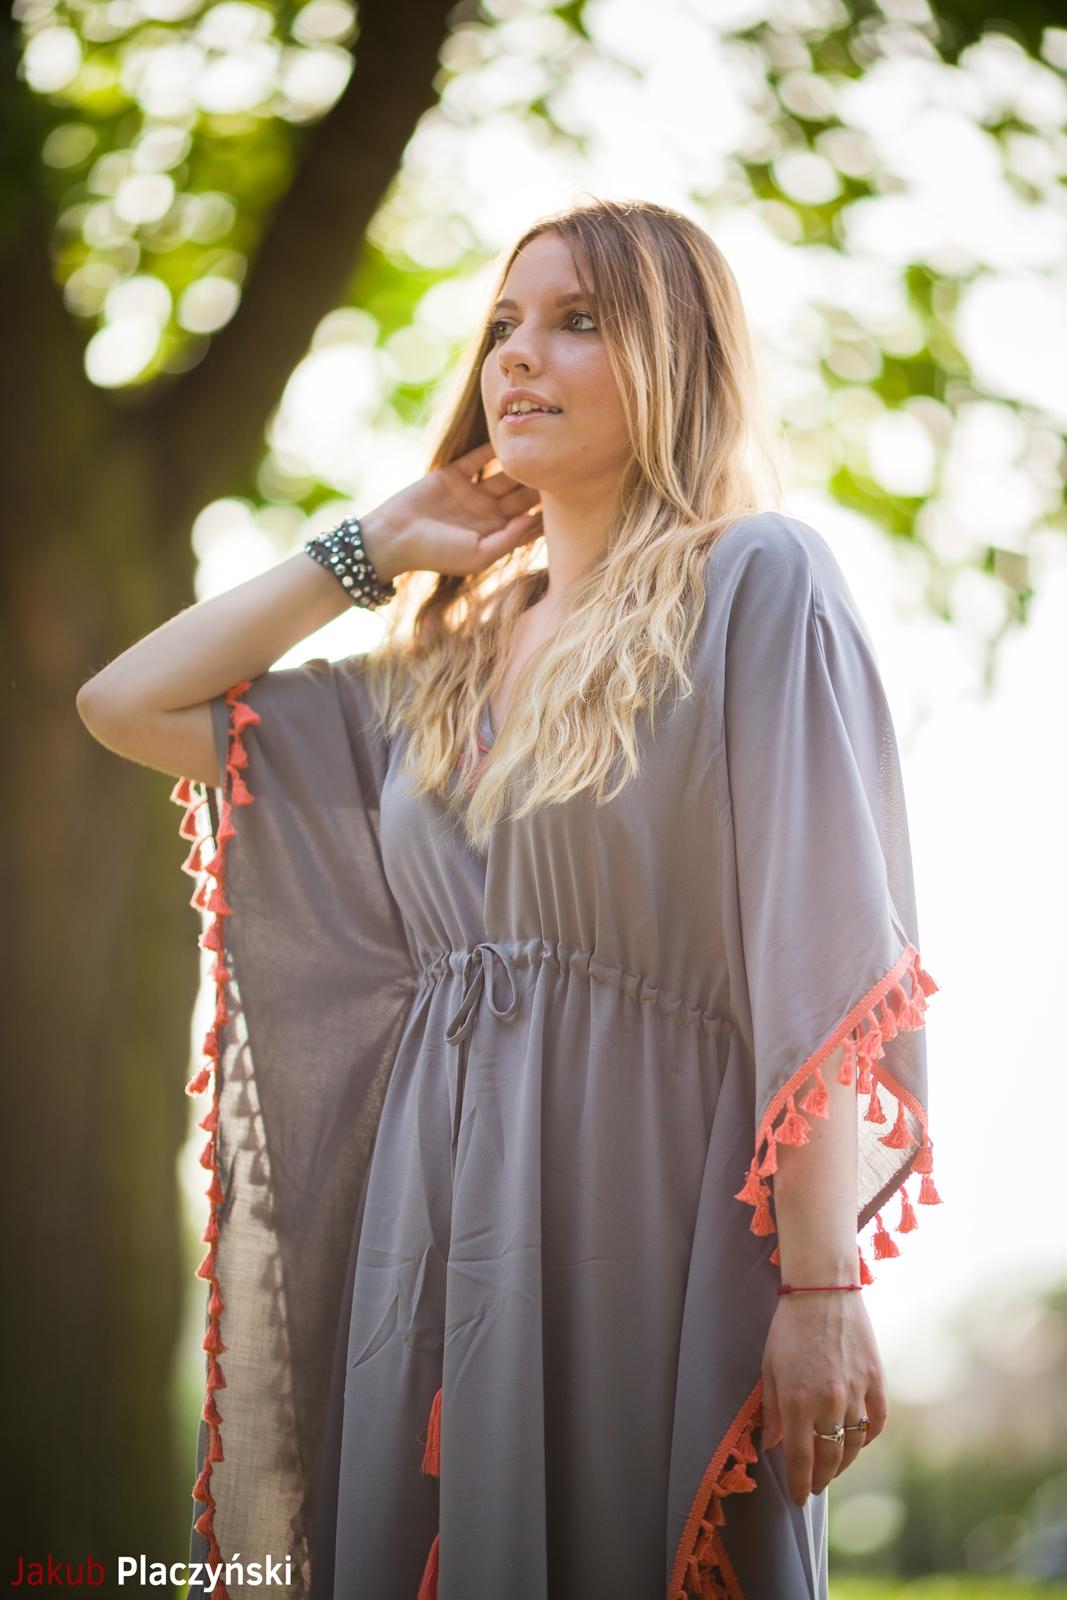 8 sukienka szara z frędzlami maxi na lato bonprix sukienki na wakacje bizuteria piotrowski kryształy svarowskiego letnia stylizacja melodylaniella sukienka dla wysokiej dziewczyny fashion moda